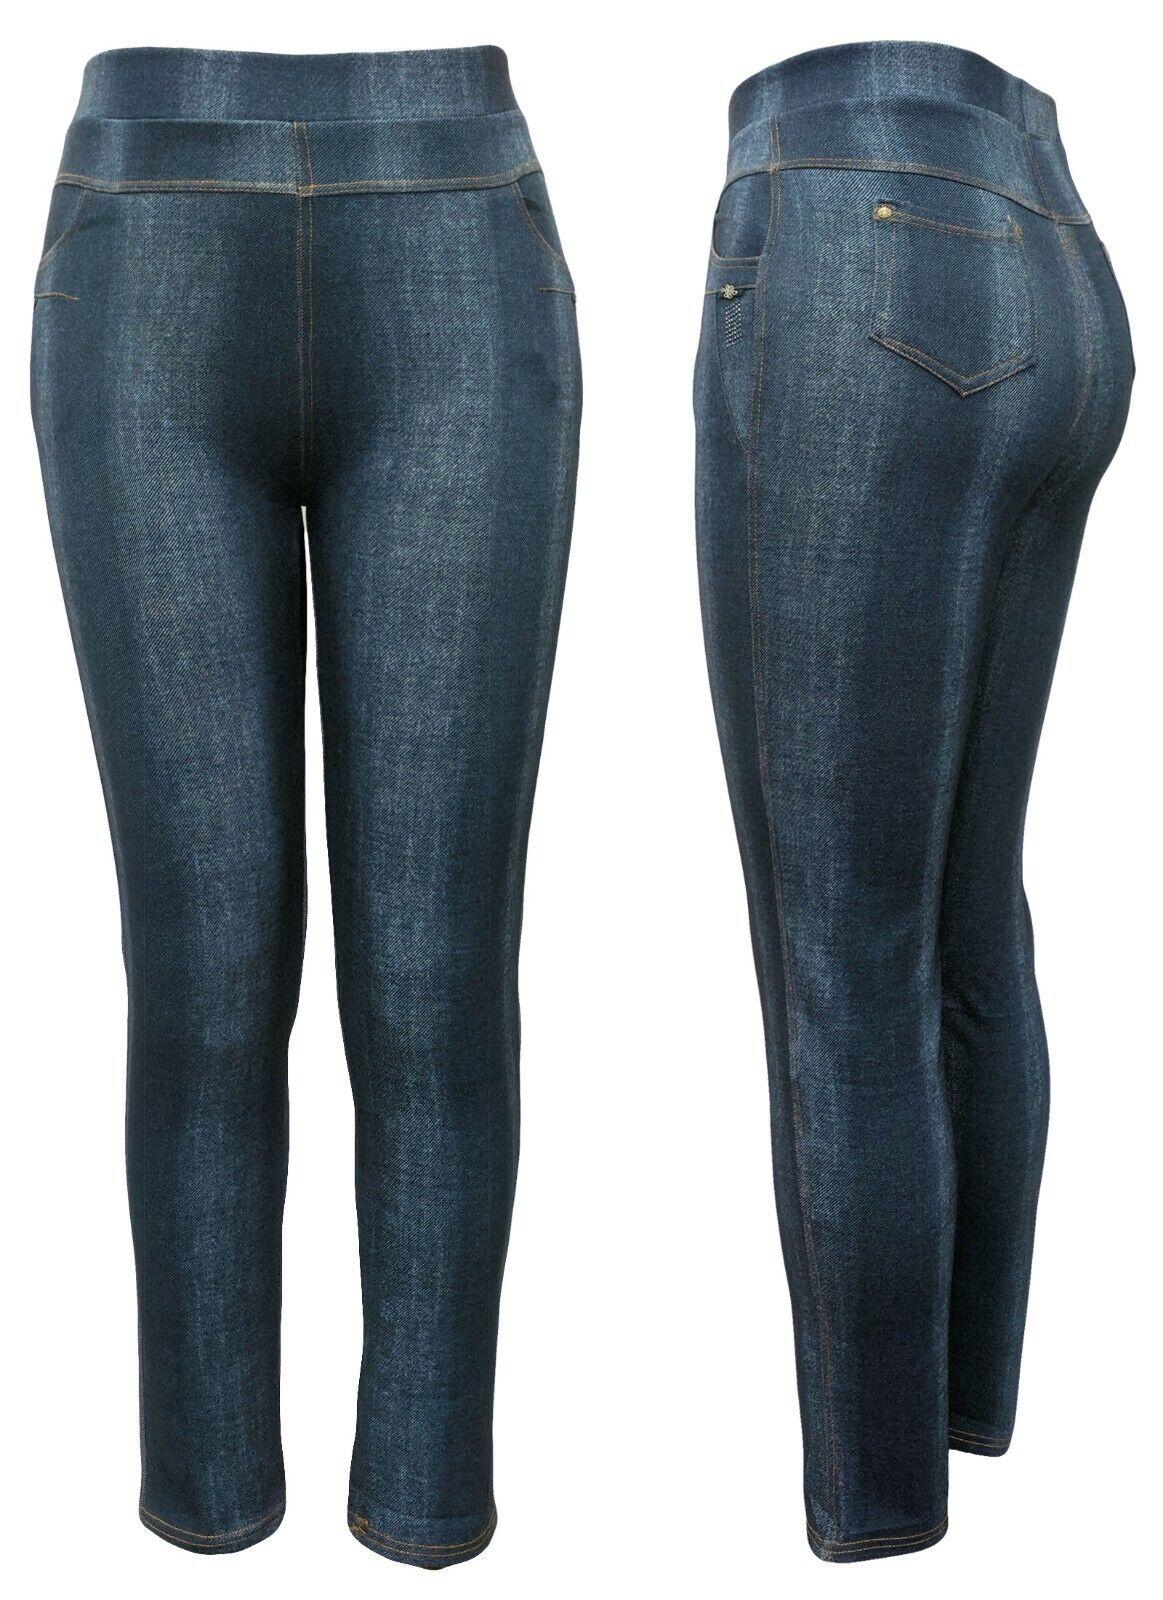 Details zu Stretchjeans Damen Hosen DENIM Gummizug 97% Baumwolle Jeans 4 Farben Gr. 38 54